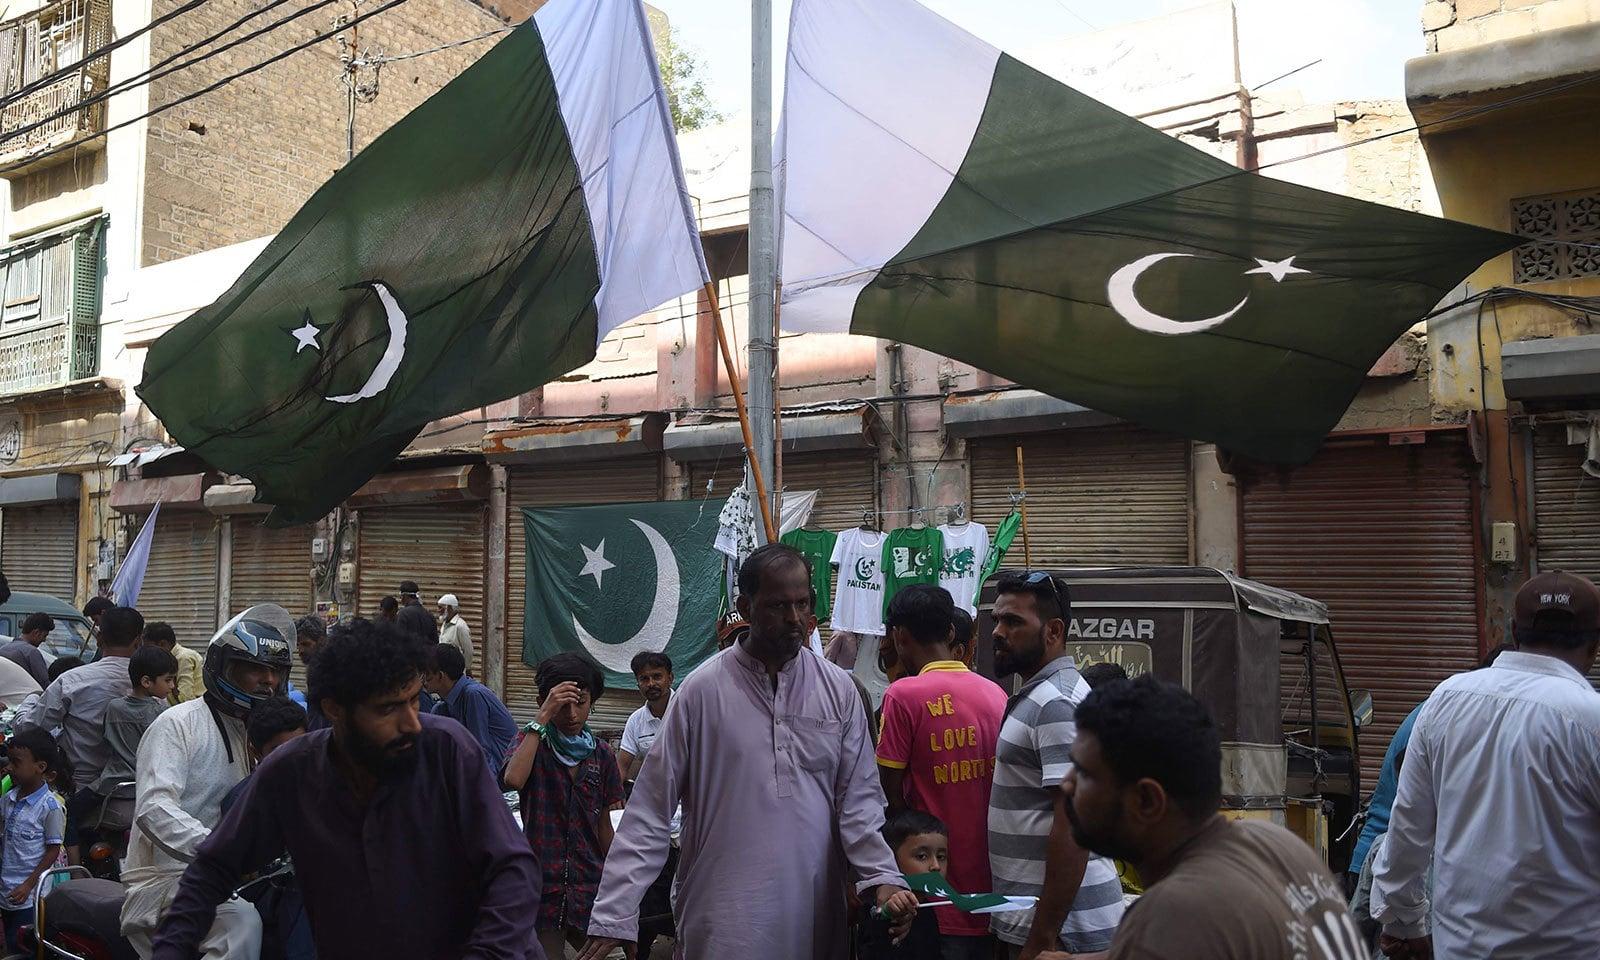 پاکستان کے سب سے بڑے شہر کراچی میں زیادہ گہماگہمی ہے—فوٹو:اے ایف پی